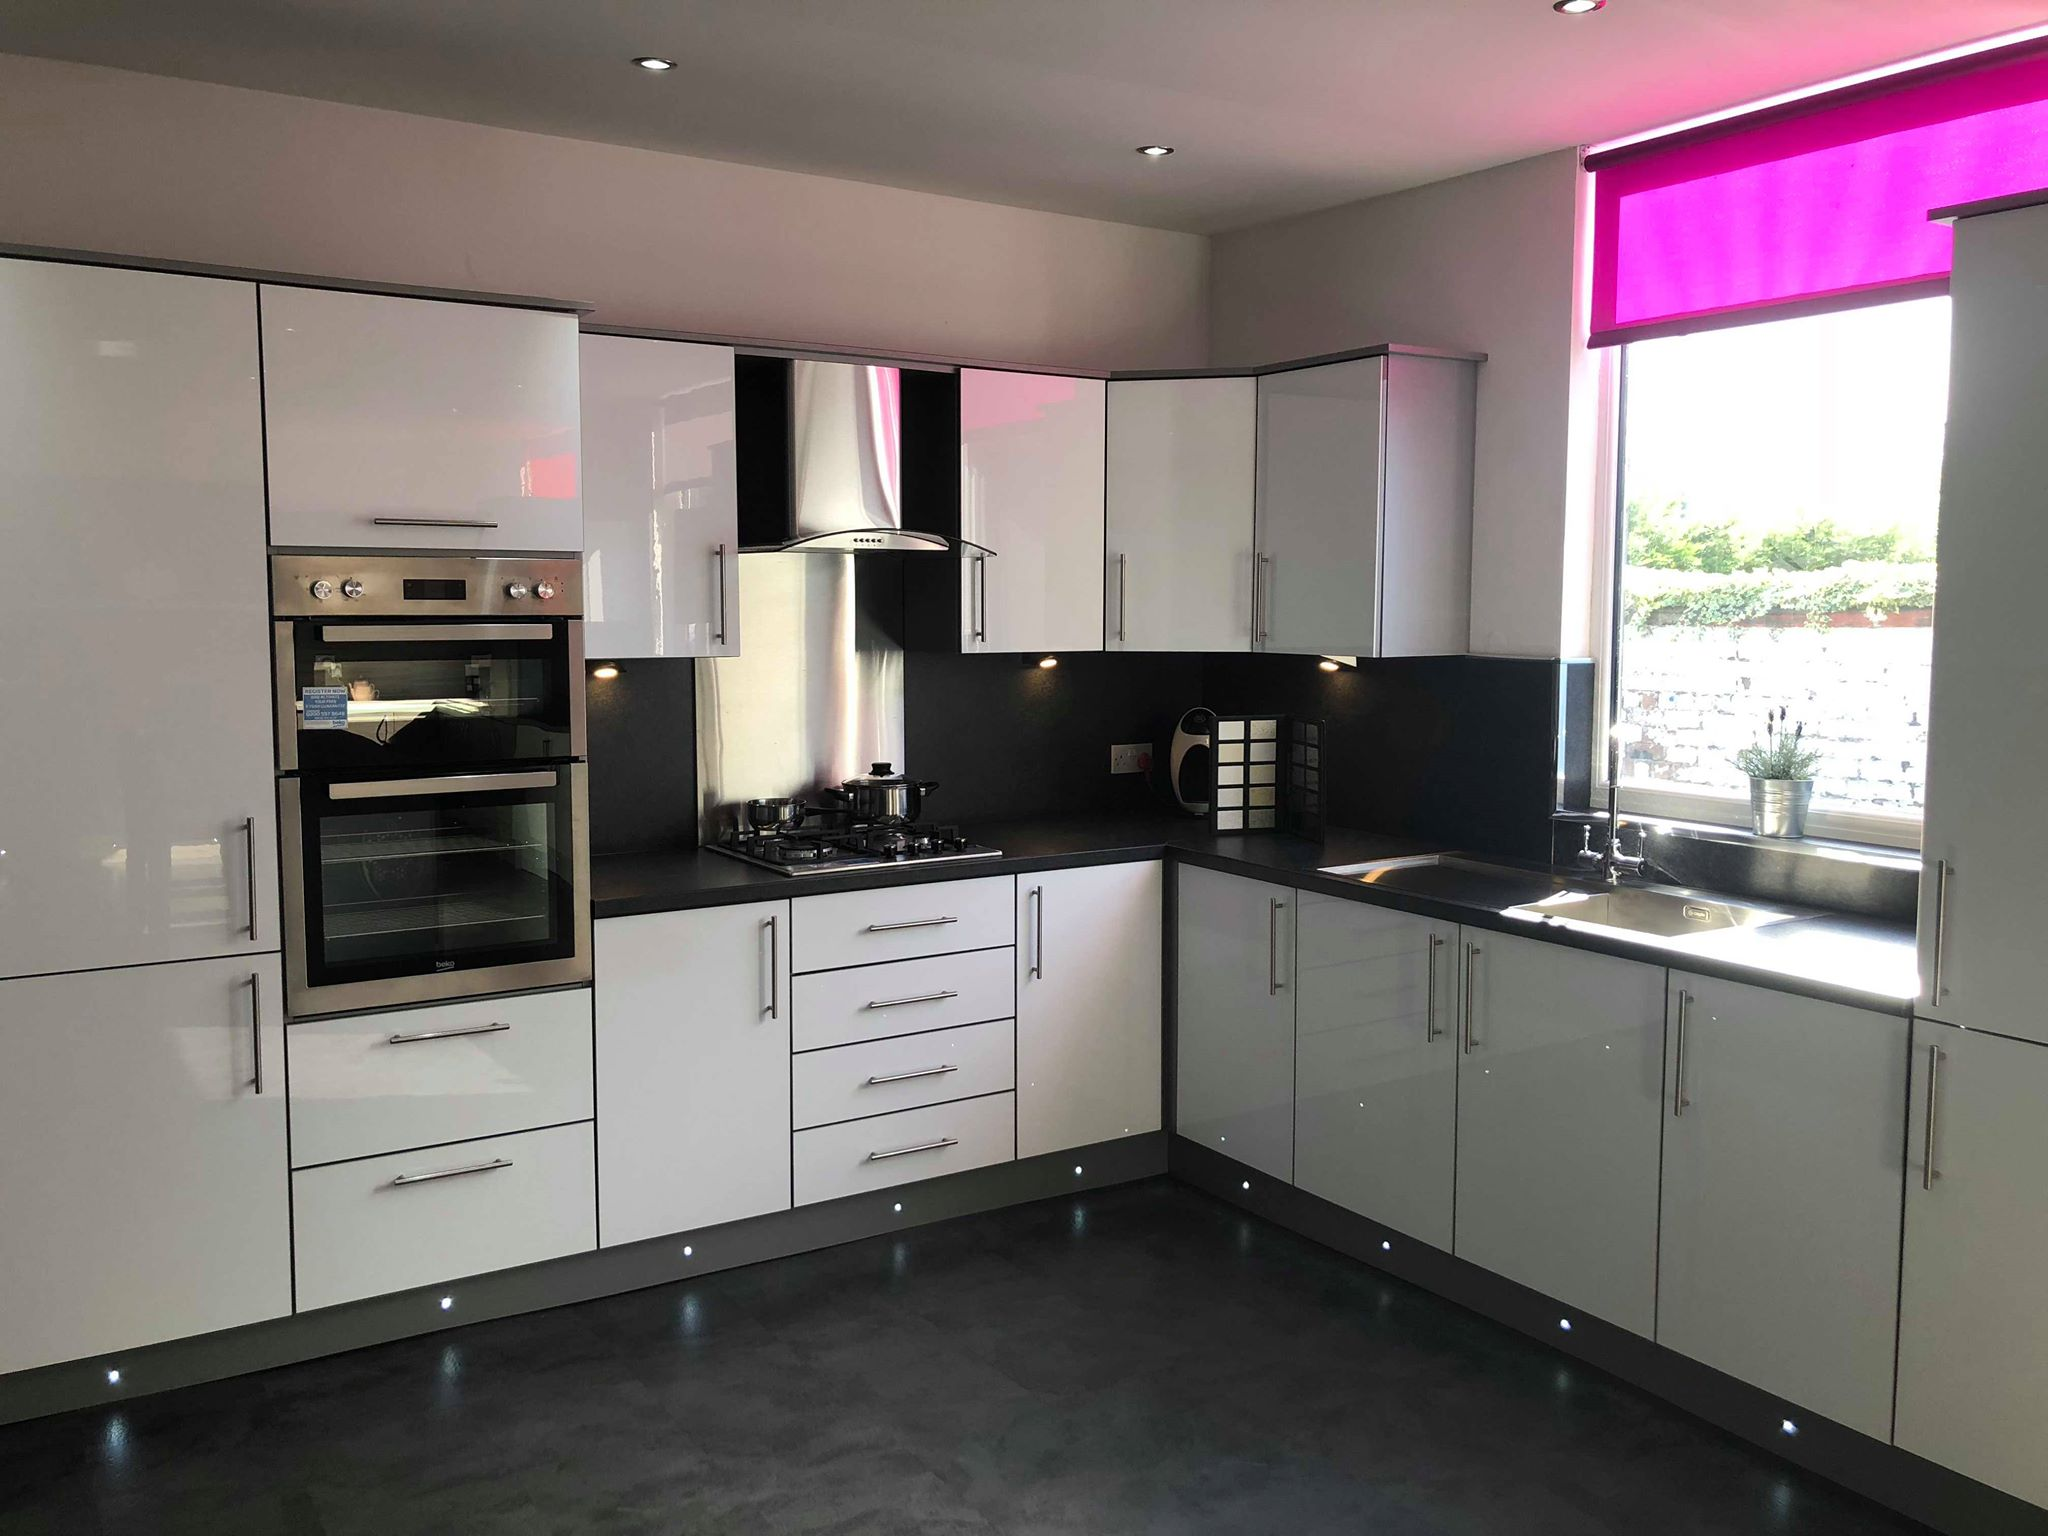 Fitted Kitchens Glasgow >> Fitted Kitchen Kudos Lanarkshire Glasgow 41 Kitchen